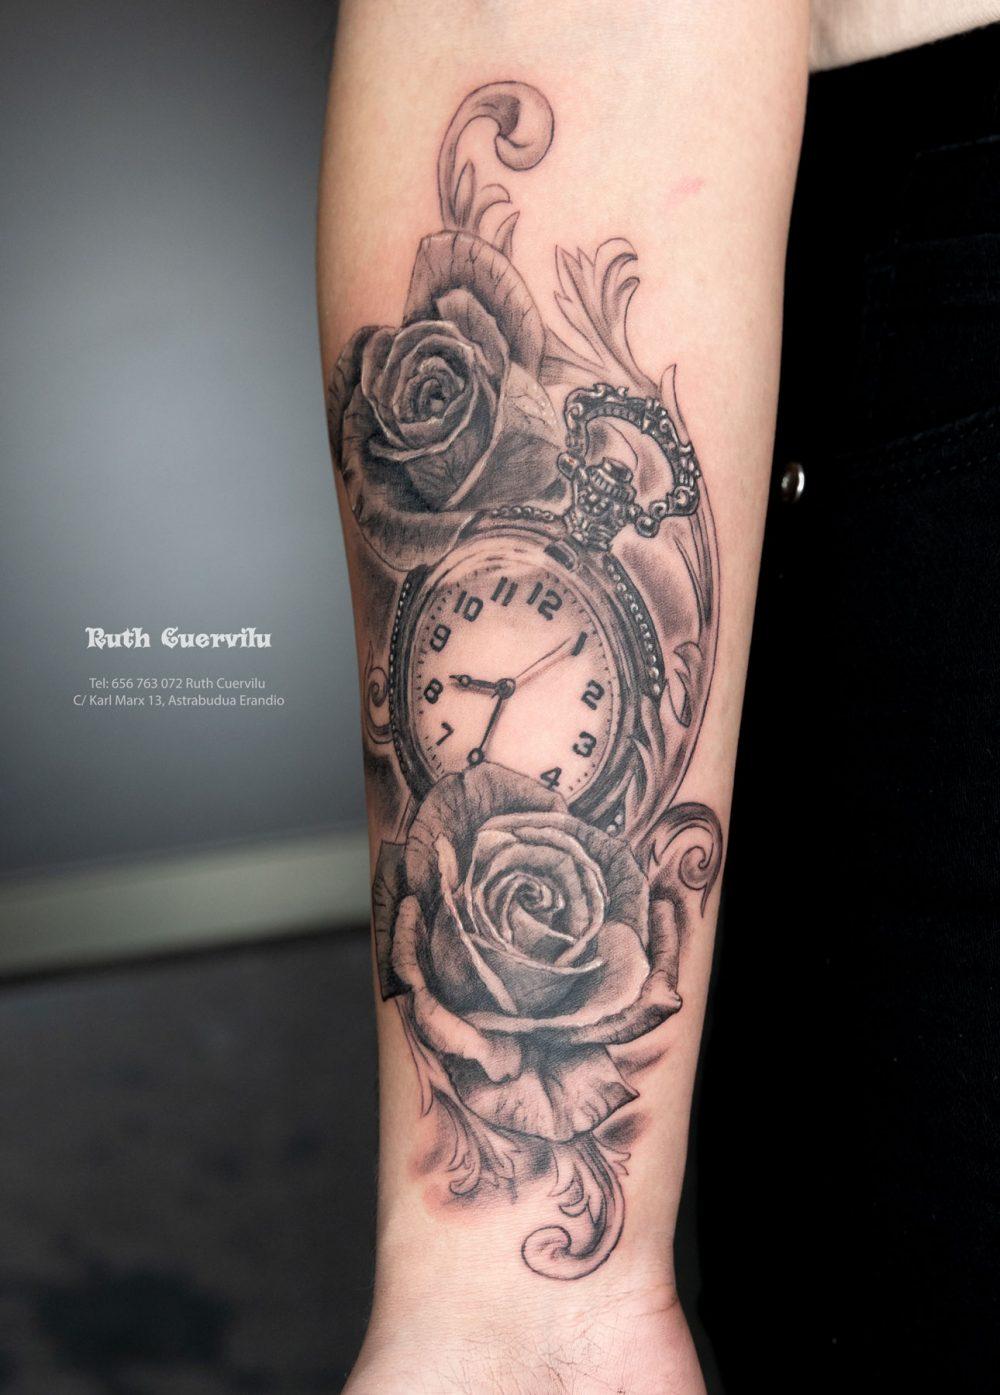 Tatuaje Rosas y Reloj - Ruth Cuervilu Tattoo - KM13 Studio - Estudio de Tatuajes en Astrabudua, Erandio. Bizkaia Bilbao